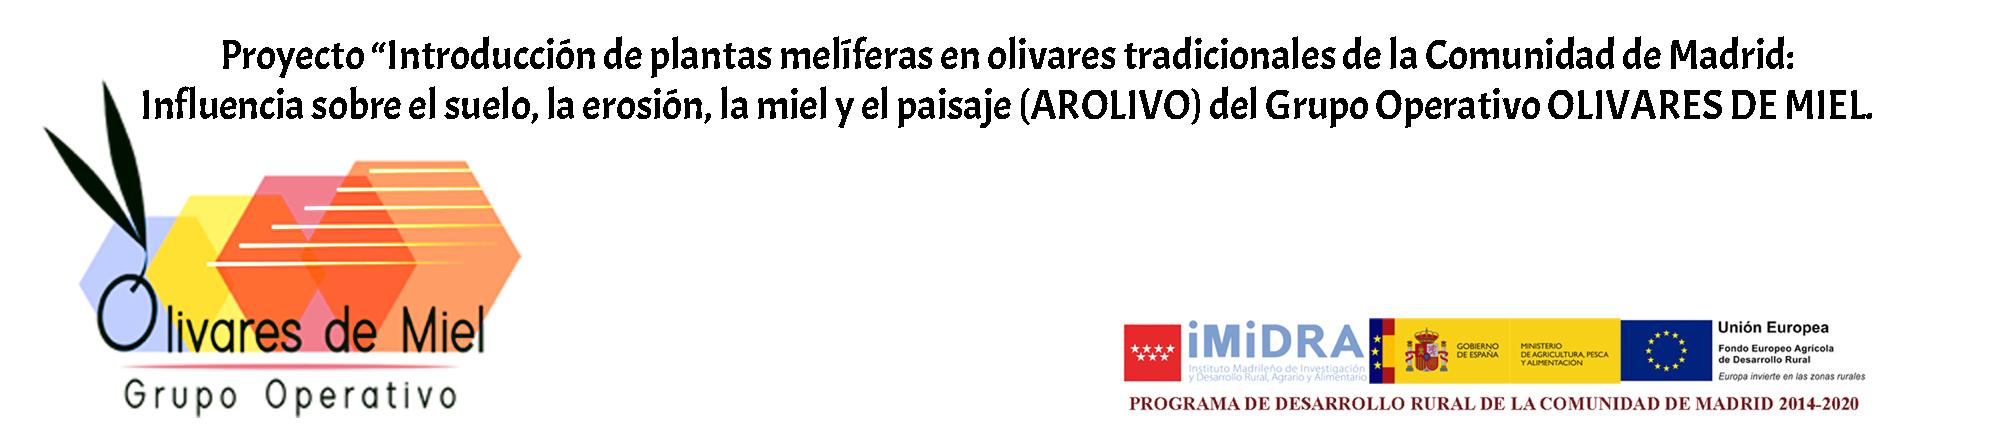 Olivares de Miel